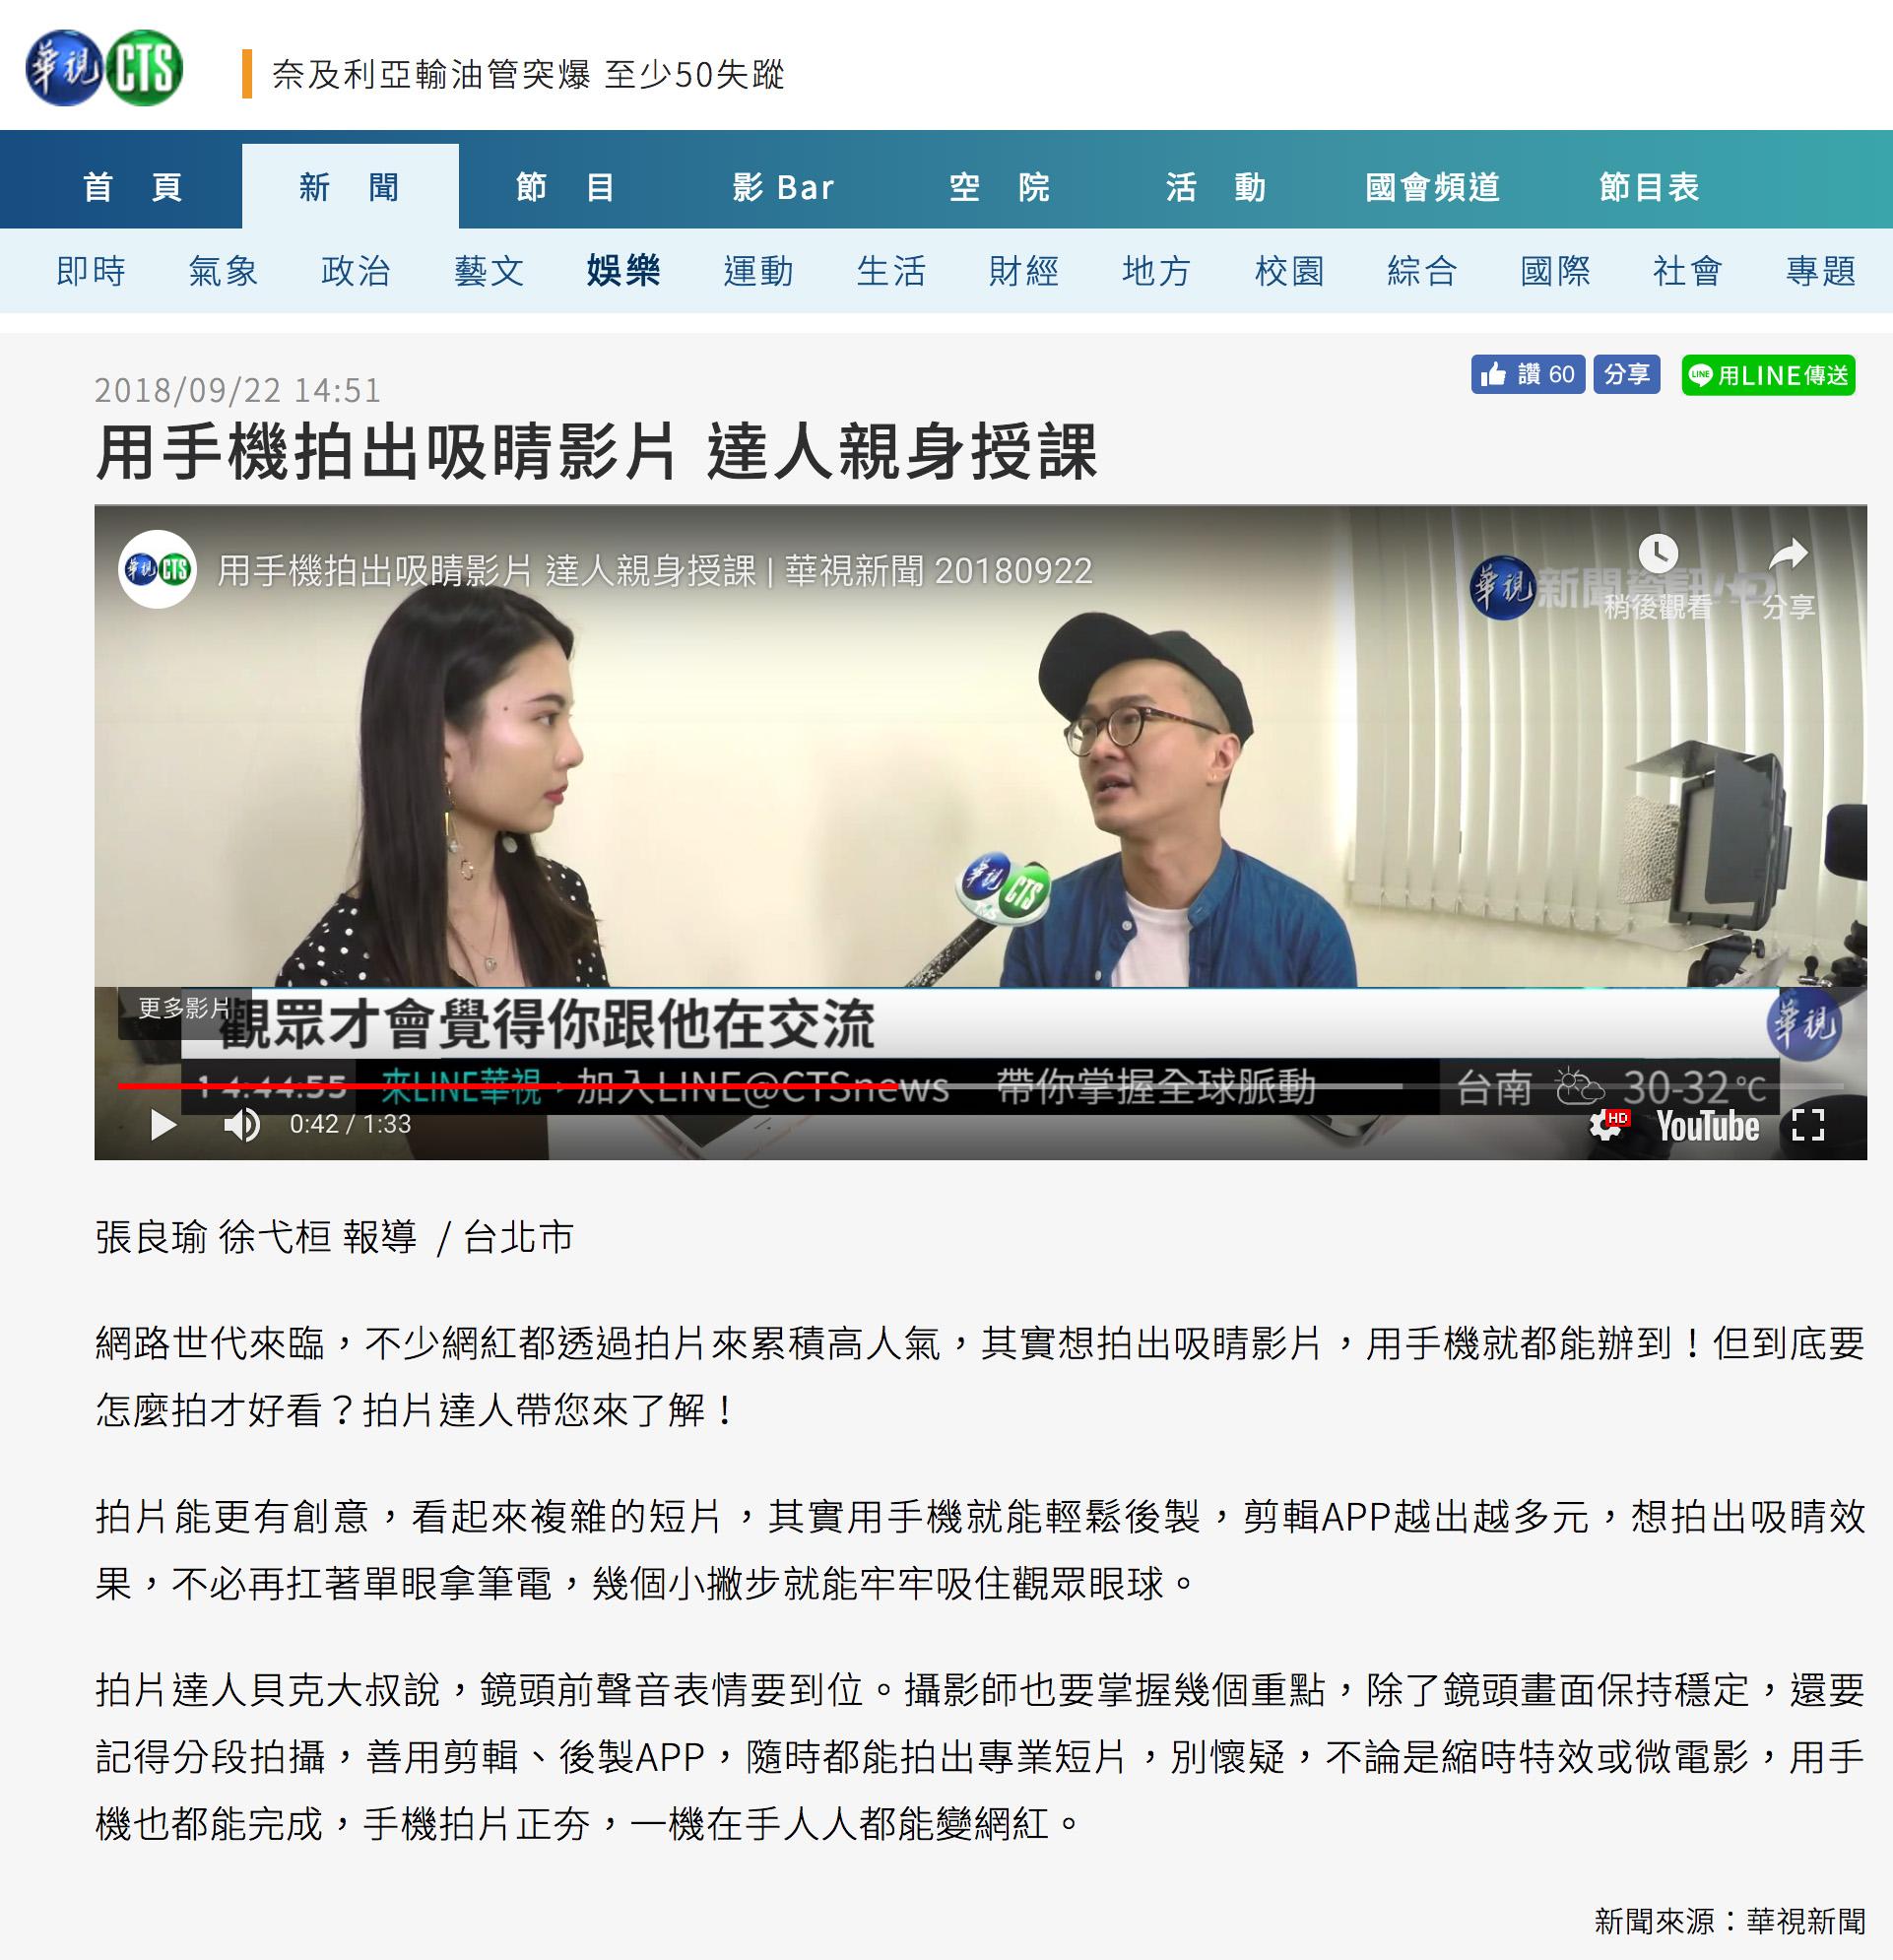 華視新聞採訪貝克大叔,用手機拍吸睛影片